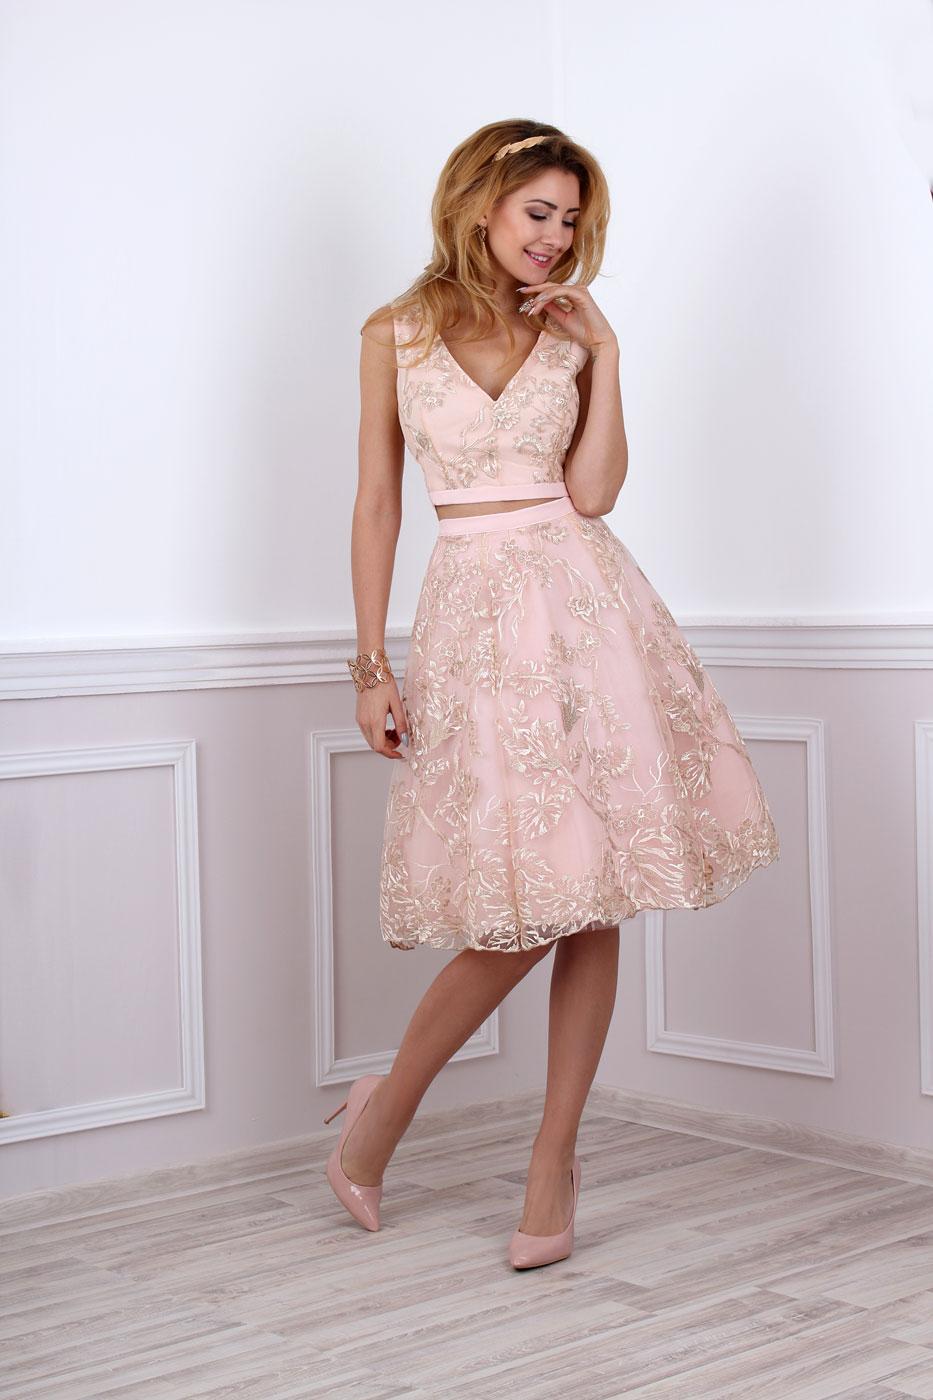 kleid f r standesamtliche trauung in rosa gold kleiderfreuden. Black Bedroom Furniture Sets. Home Design Ideas